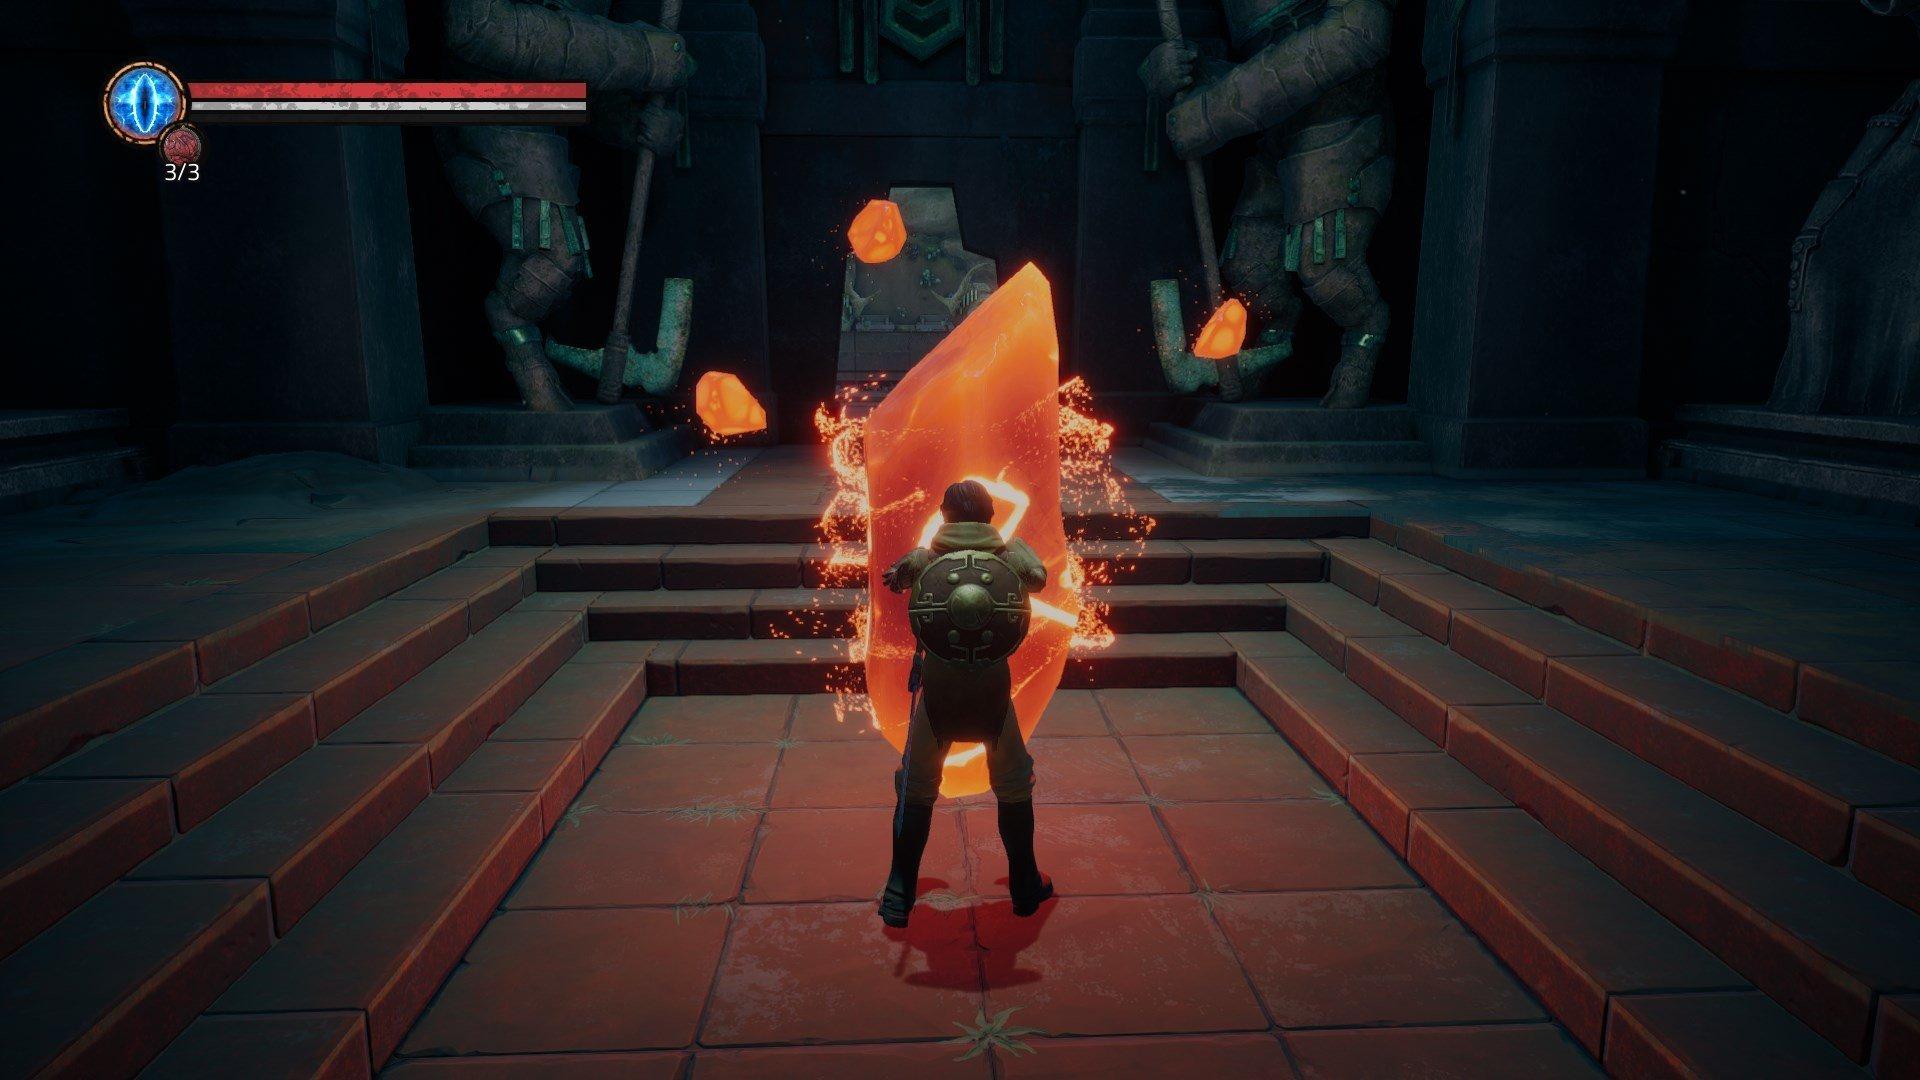 Скриншот к игре Chronos: Before the Ashes v.1.1 [GOG] (2020) скачать торрент Лицензия